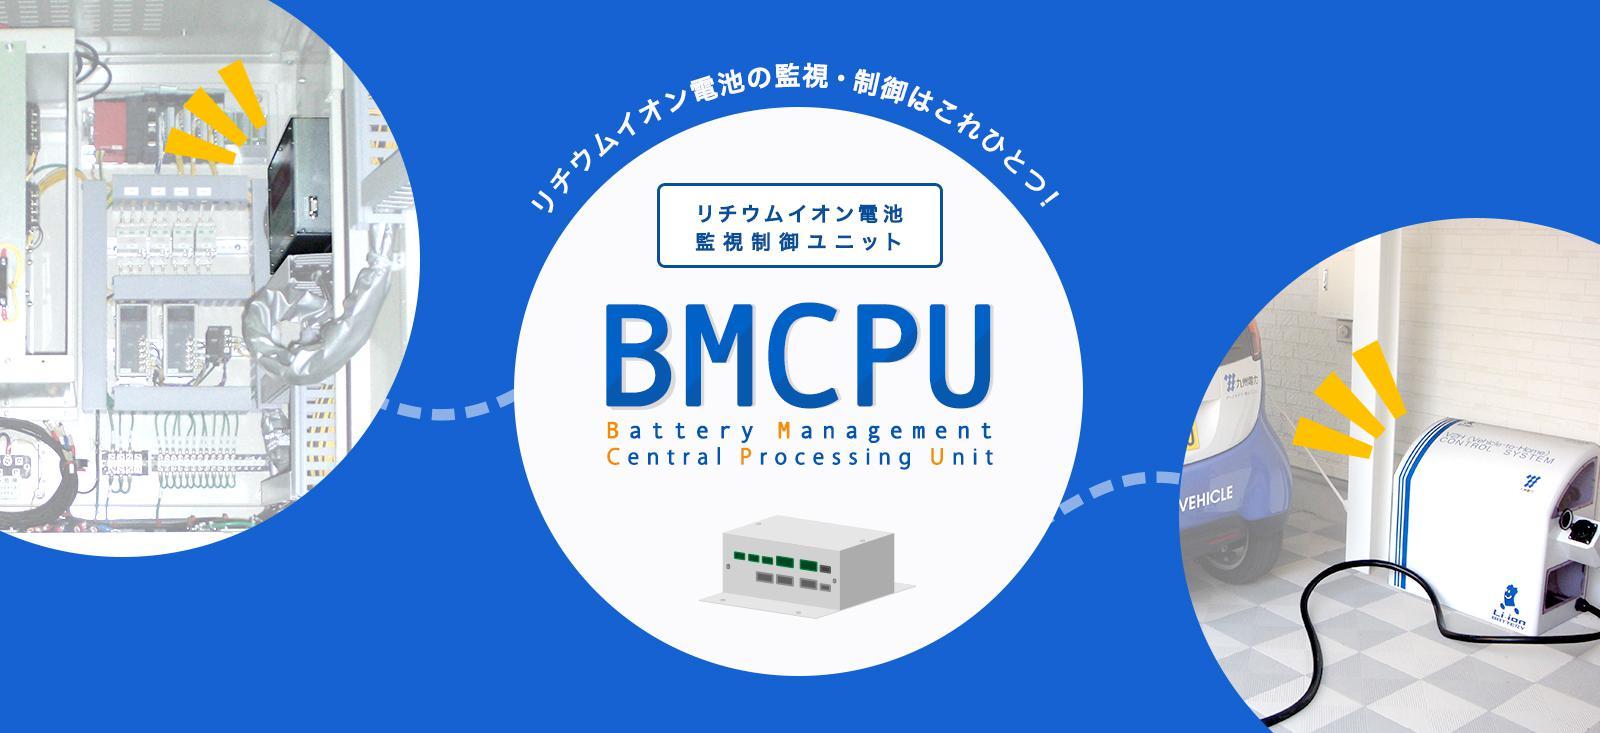 リチウムイオン電池の監視・制御はこれひとつ!リチウムイオン電池監視制御ユニット「BMCPU」